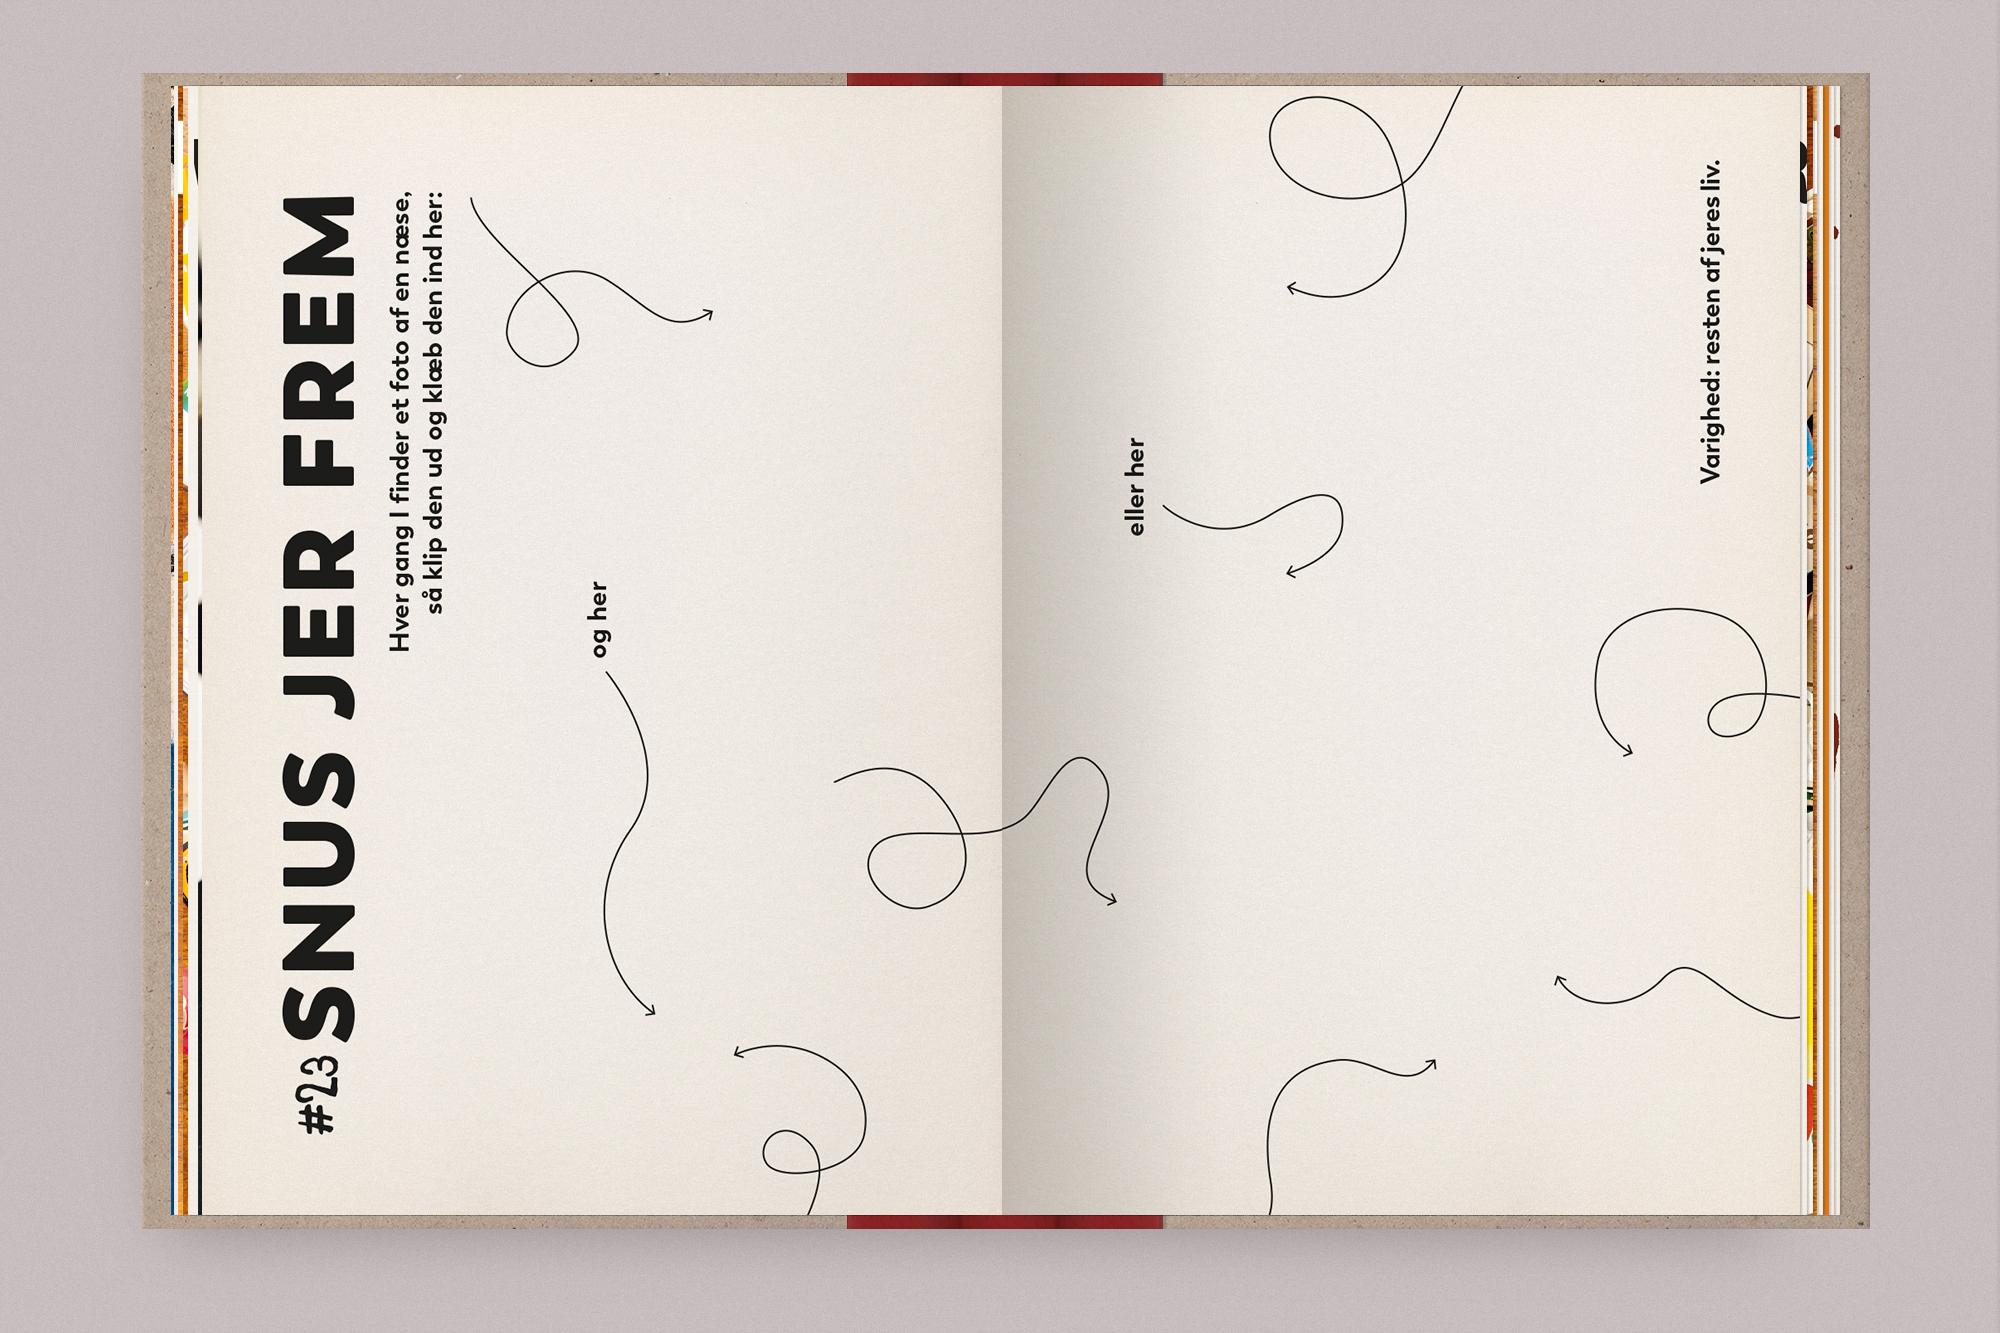 100-eksperimenter-asger-jorn-bogdesign-grafisk-museum-malene-hald-38